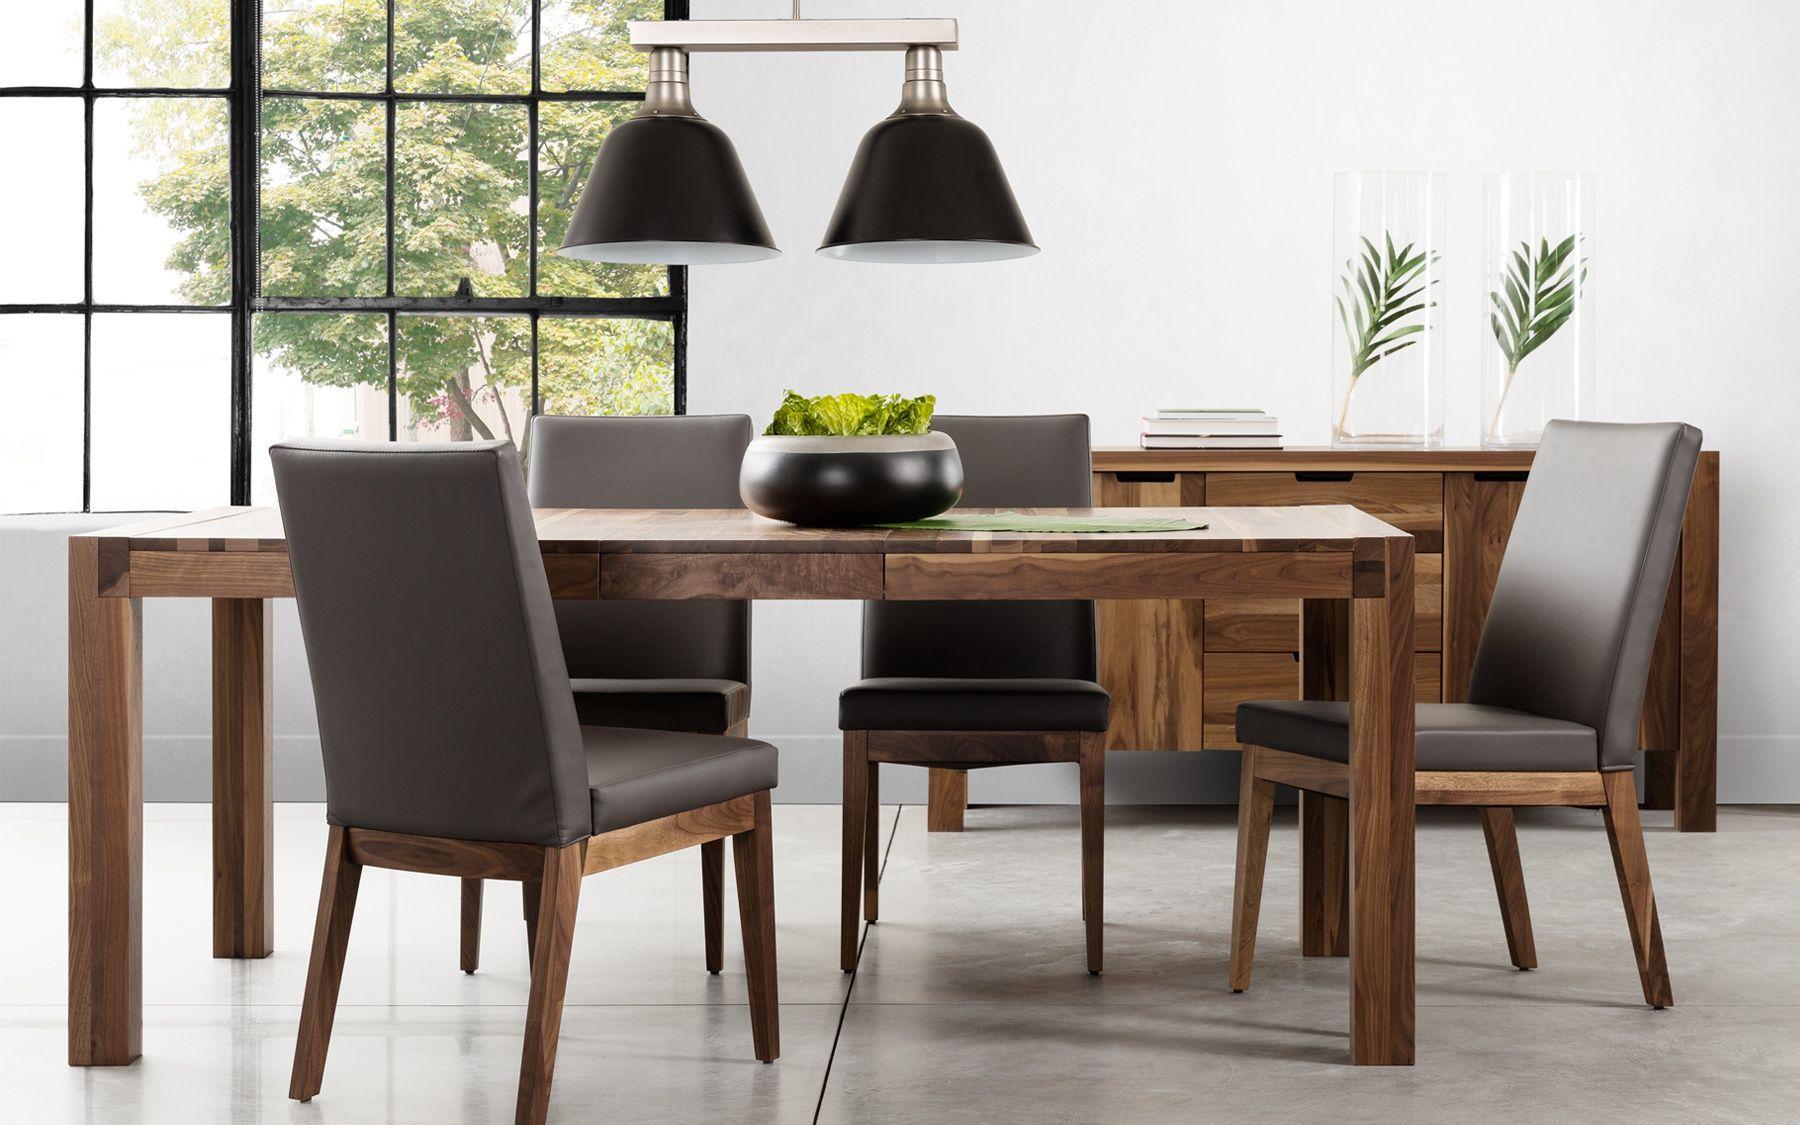 Table 40x60 1 Extension De 16 Cl581 Tables Salles A Manger La Galerie Du Meuble Table Dining Table Home Furniture